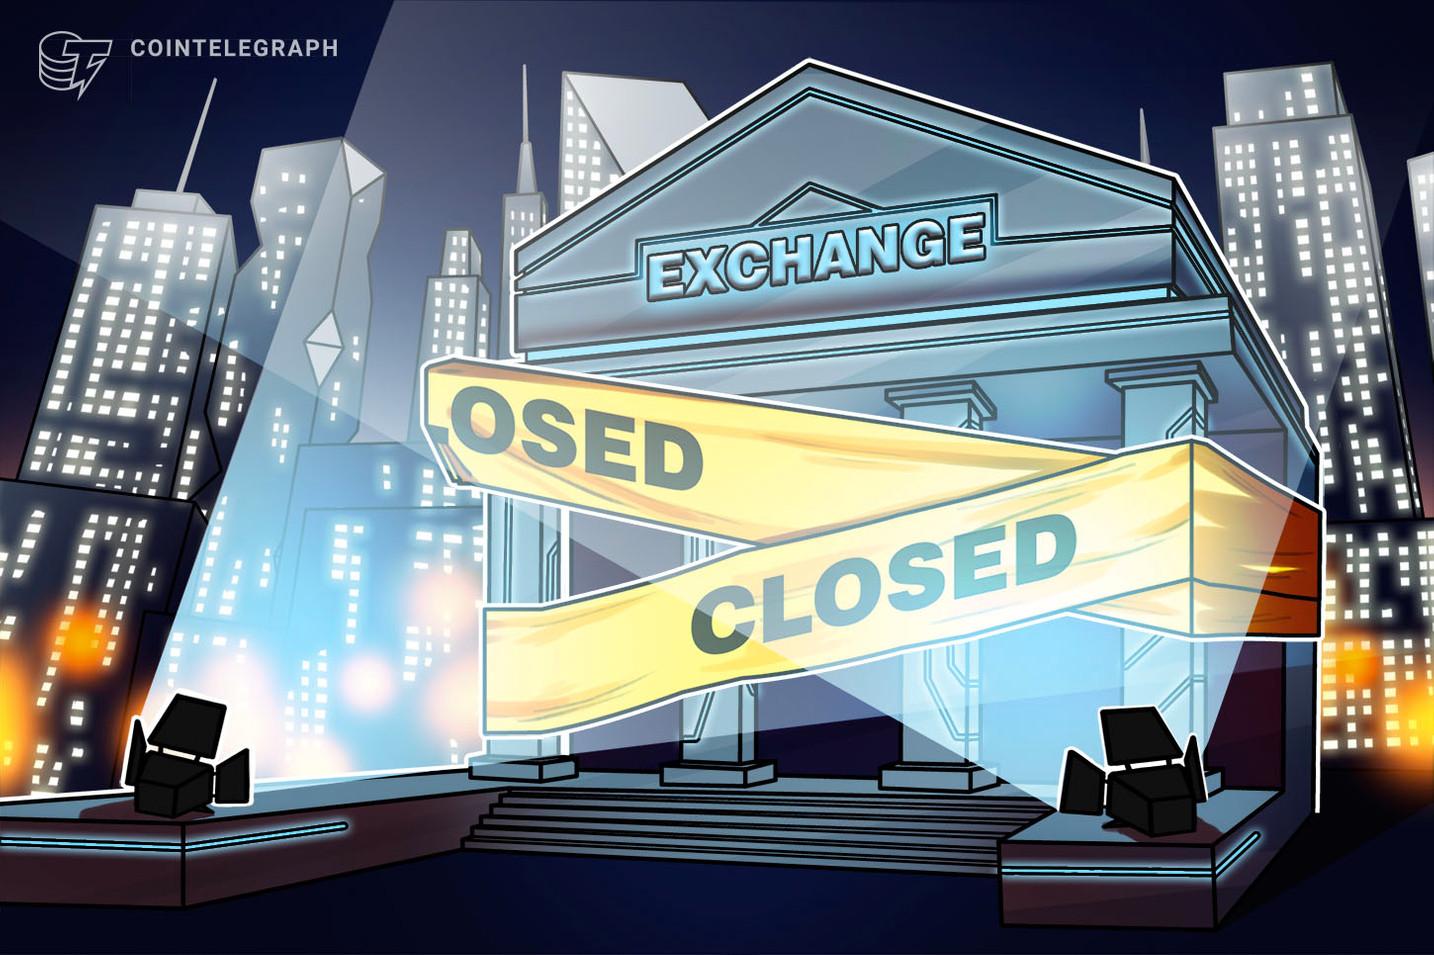 El exchange descentralizado Sparkswap respaldado por Pantera cierra debido a la débil base de usuarios